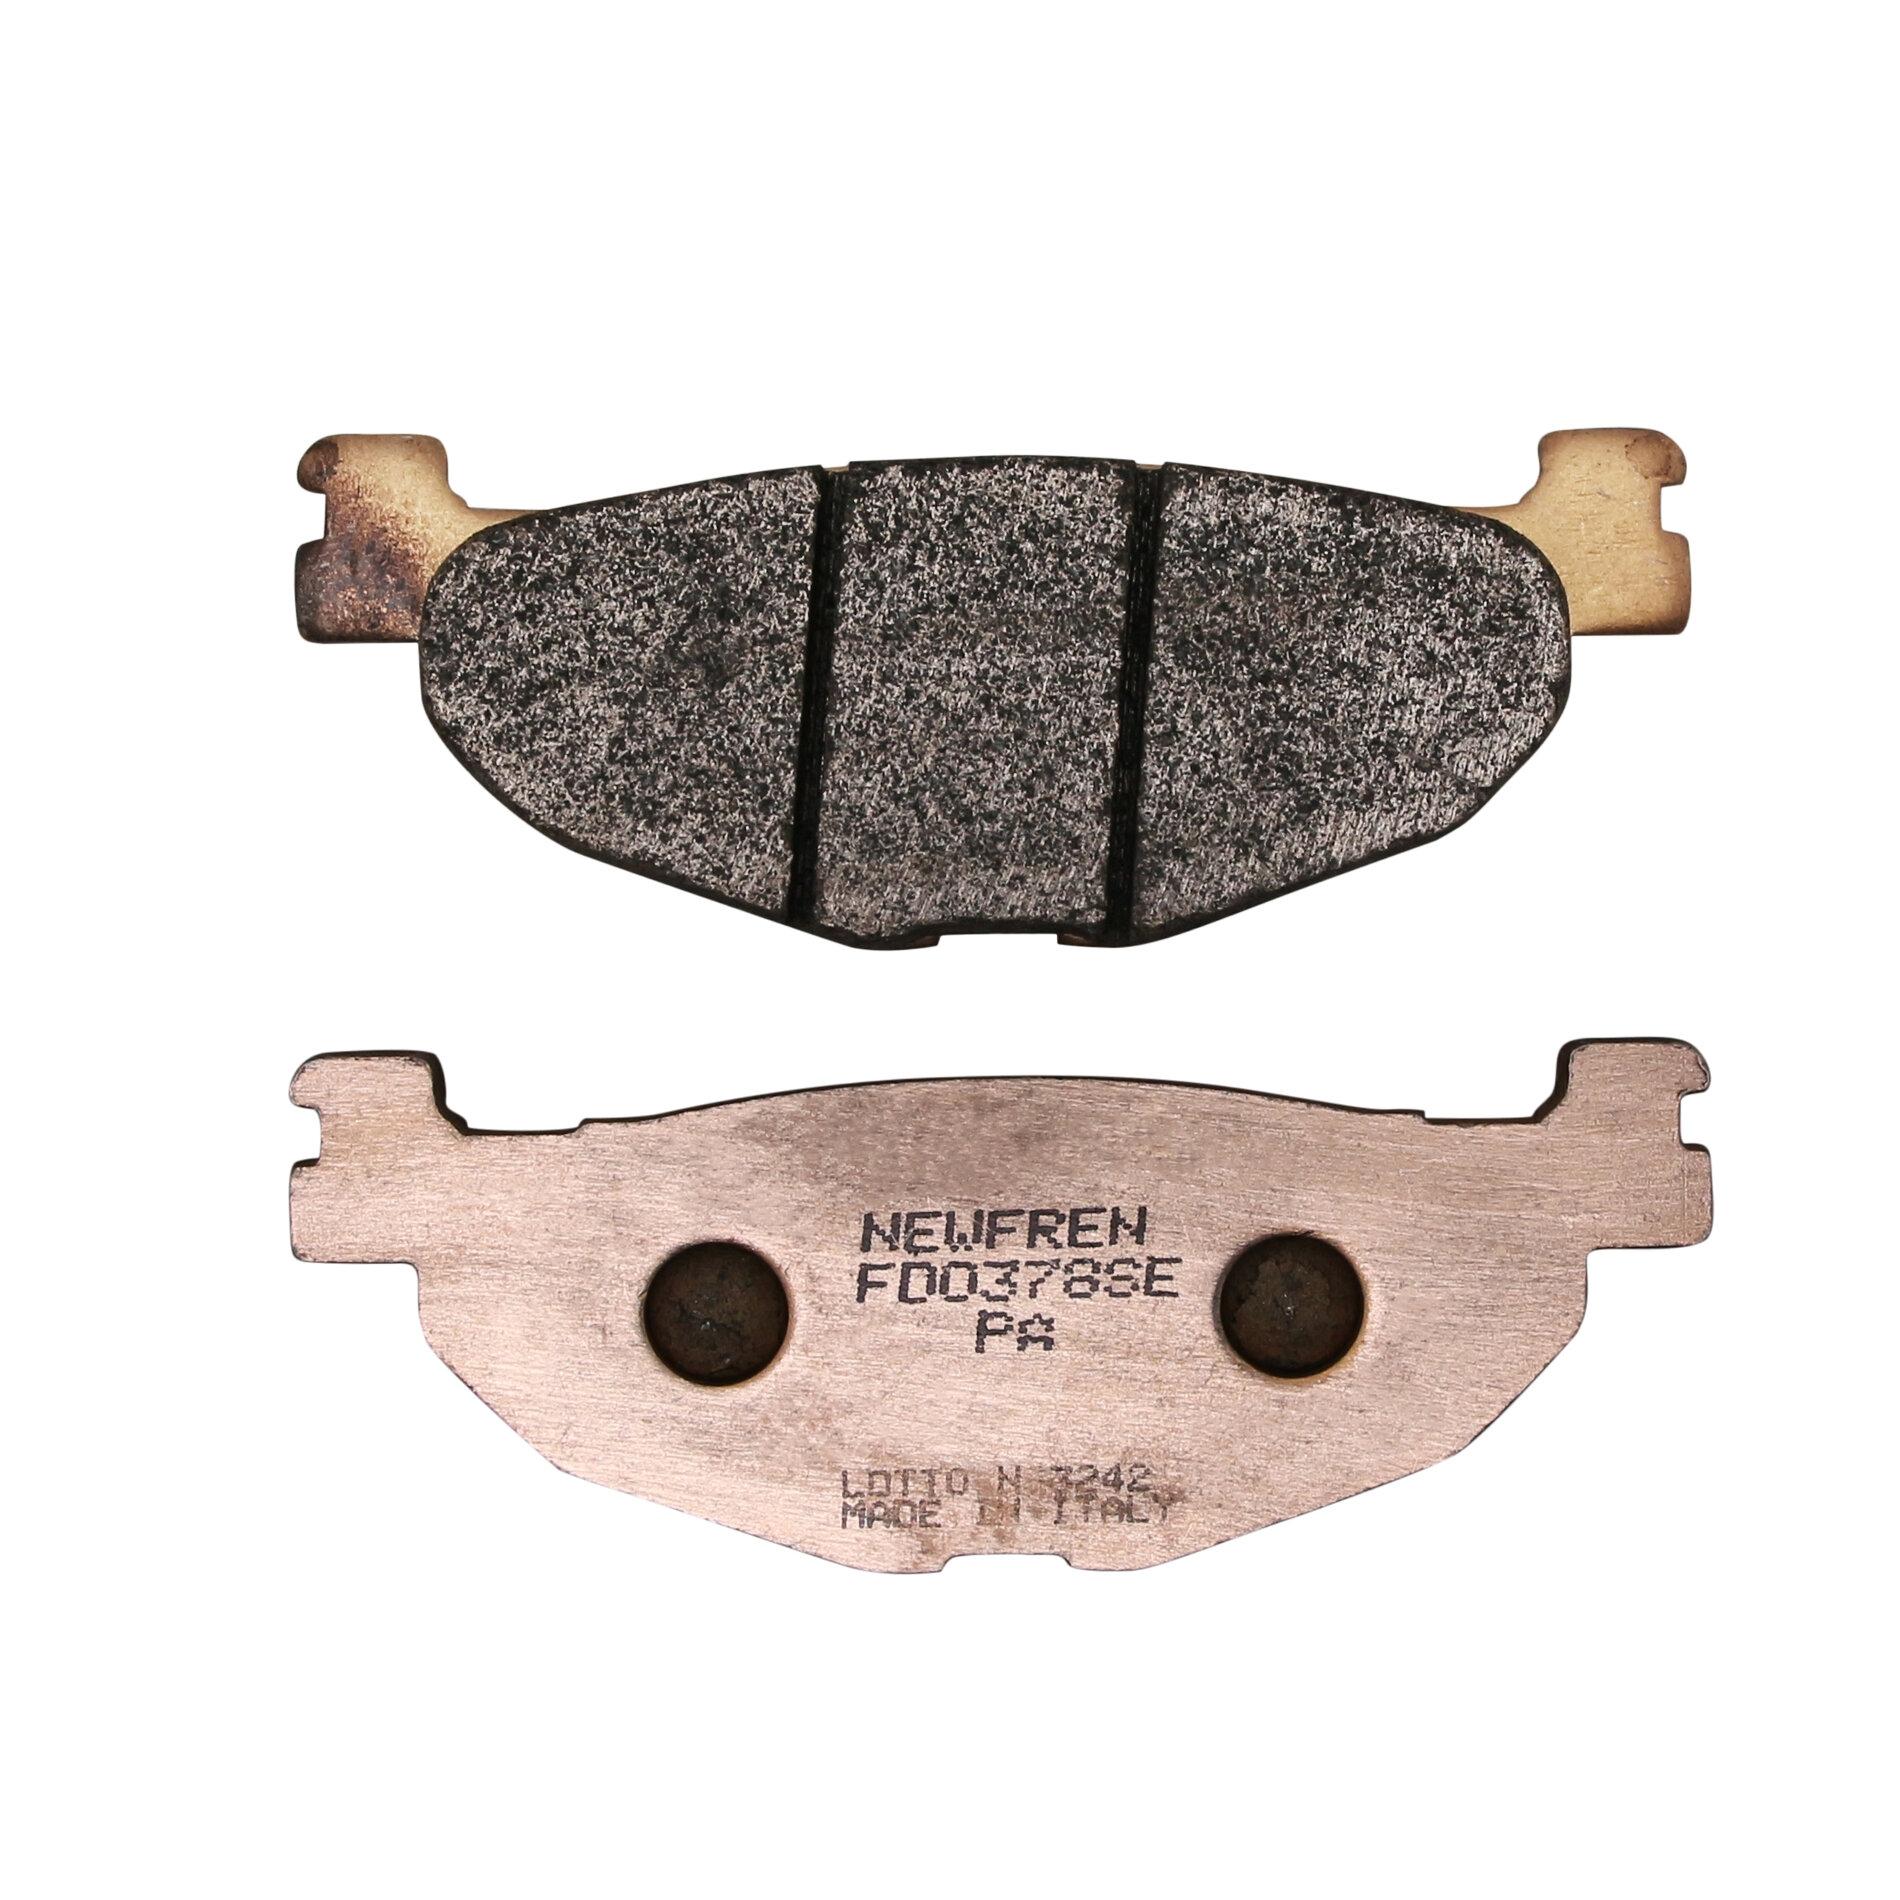 Plaquettes de frein Newfren SINT SCOOTER ELITE métal fritté FD0378 SE